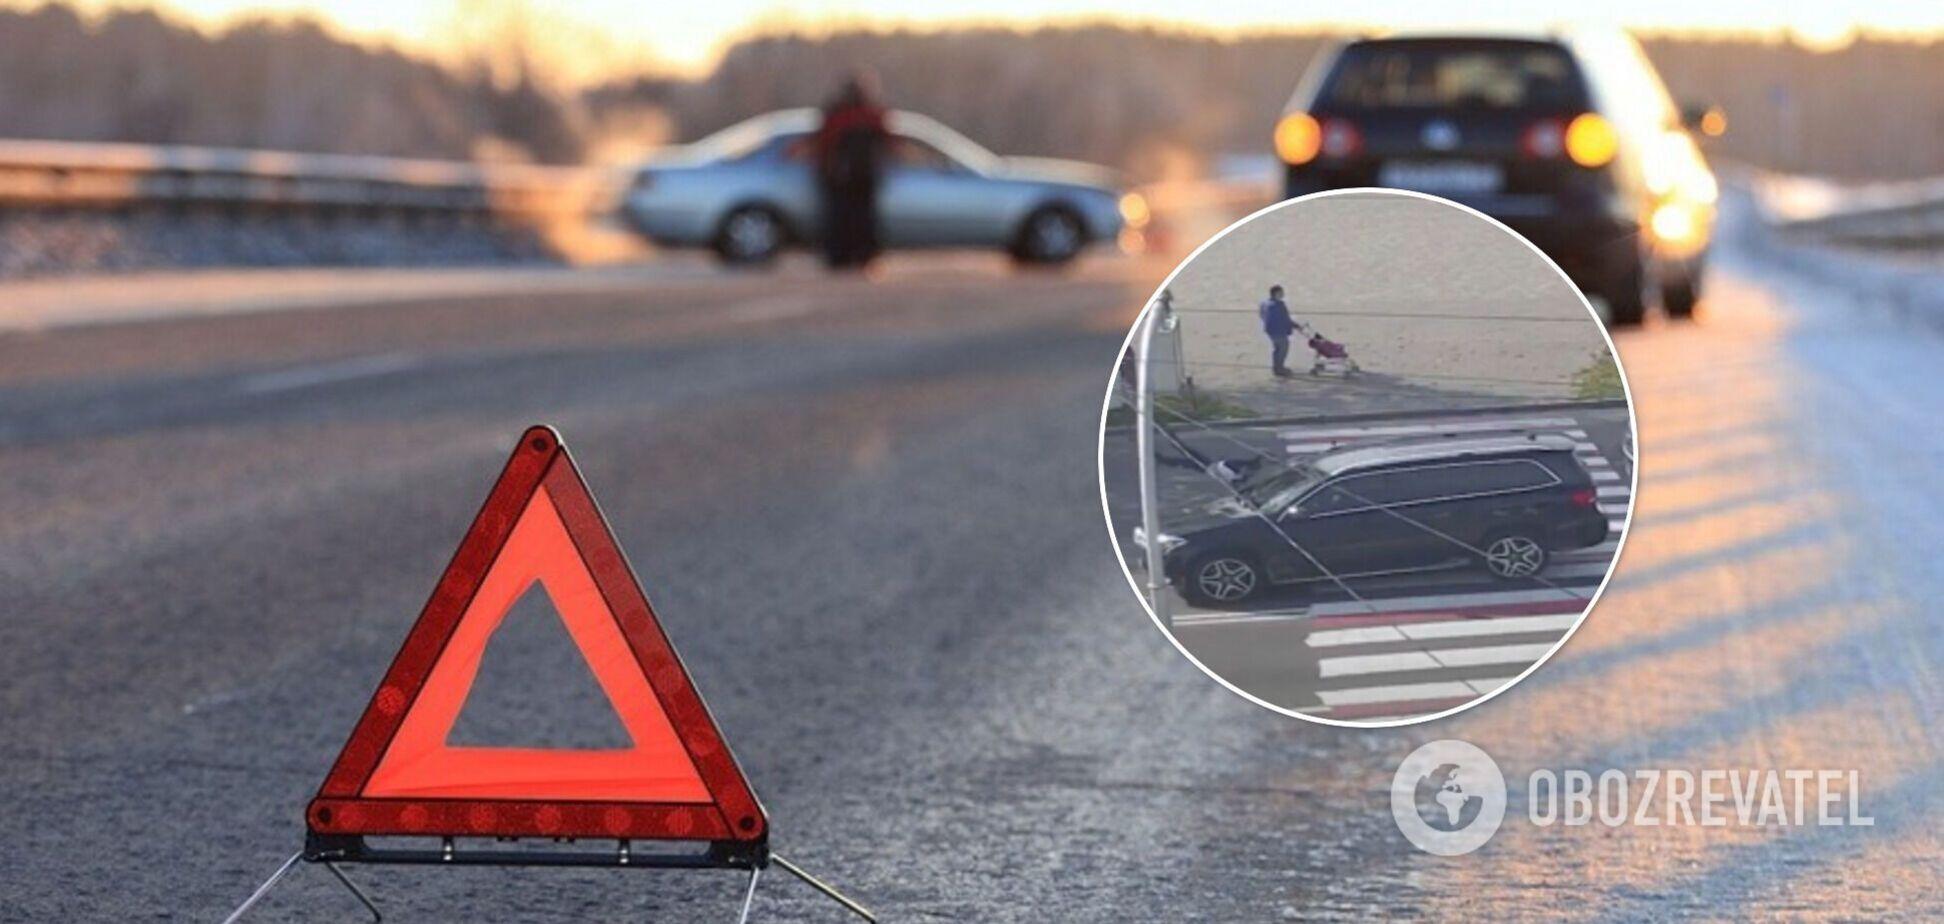 Співробітницю прокуратури, яка збила в Борисполі дитину на 'зебрі', судитимуть